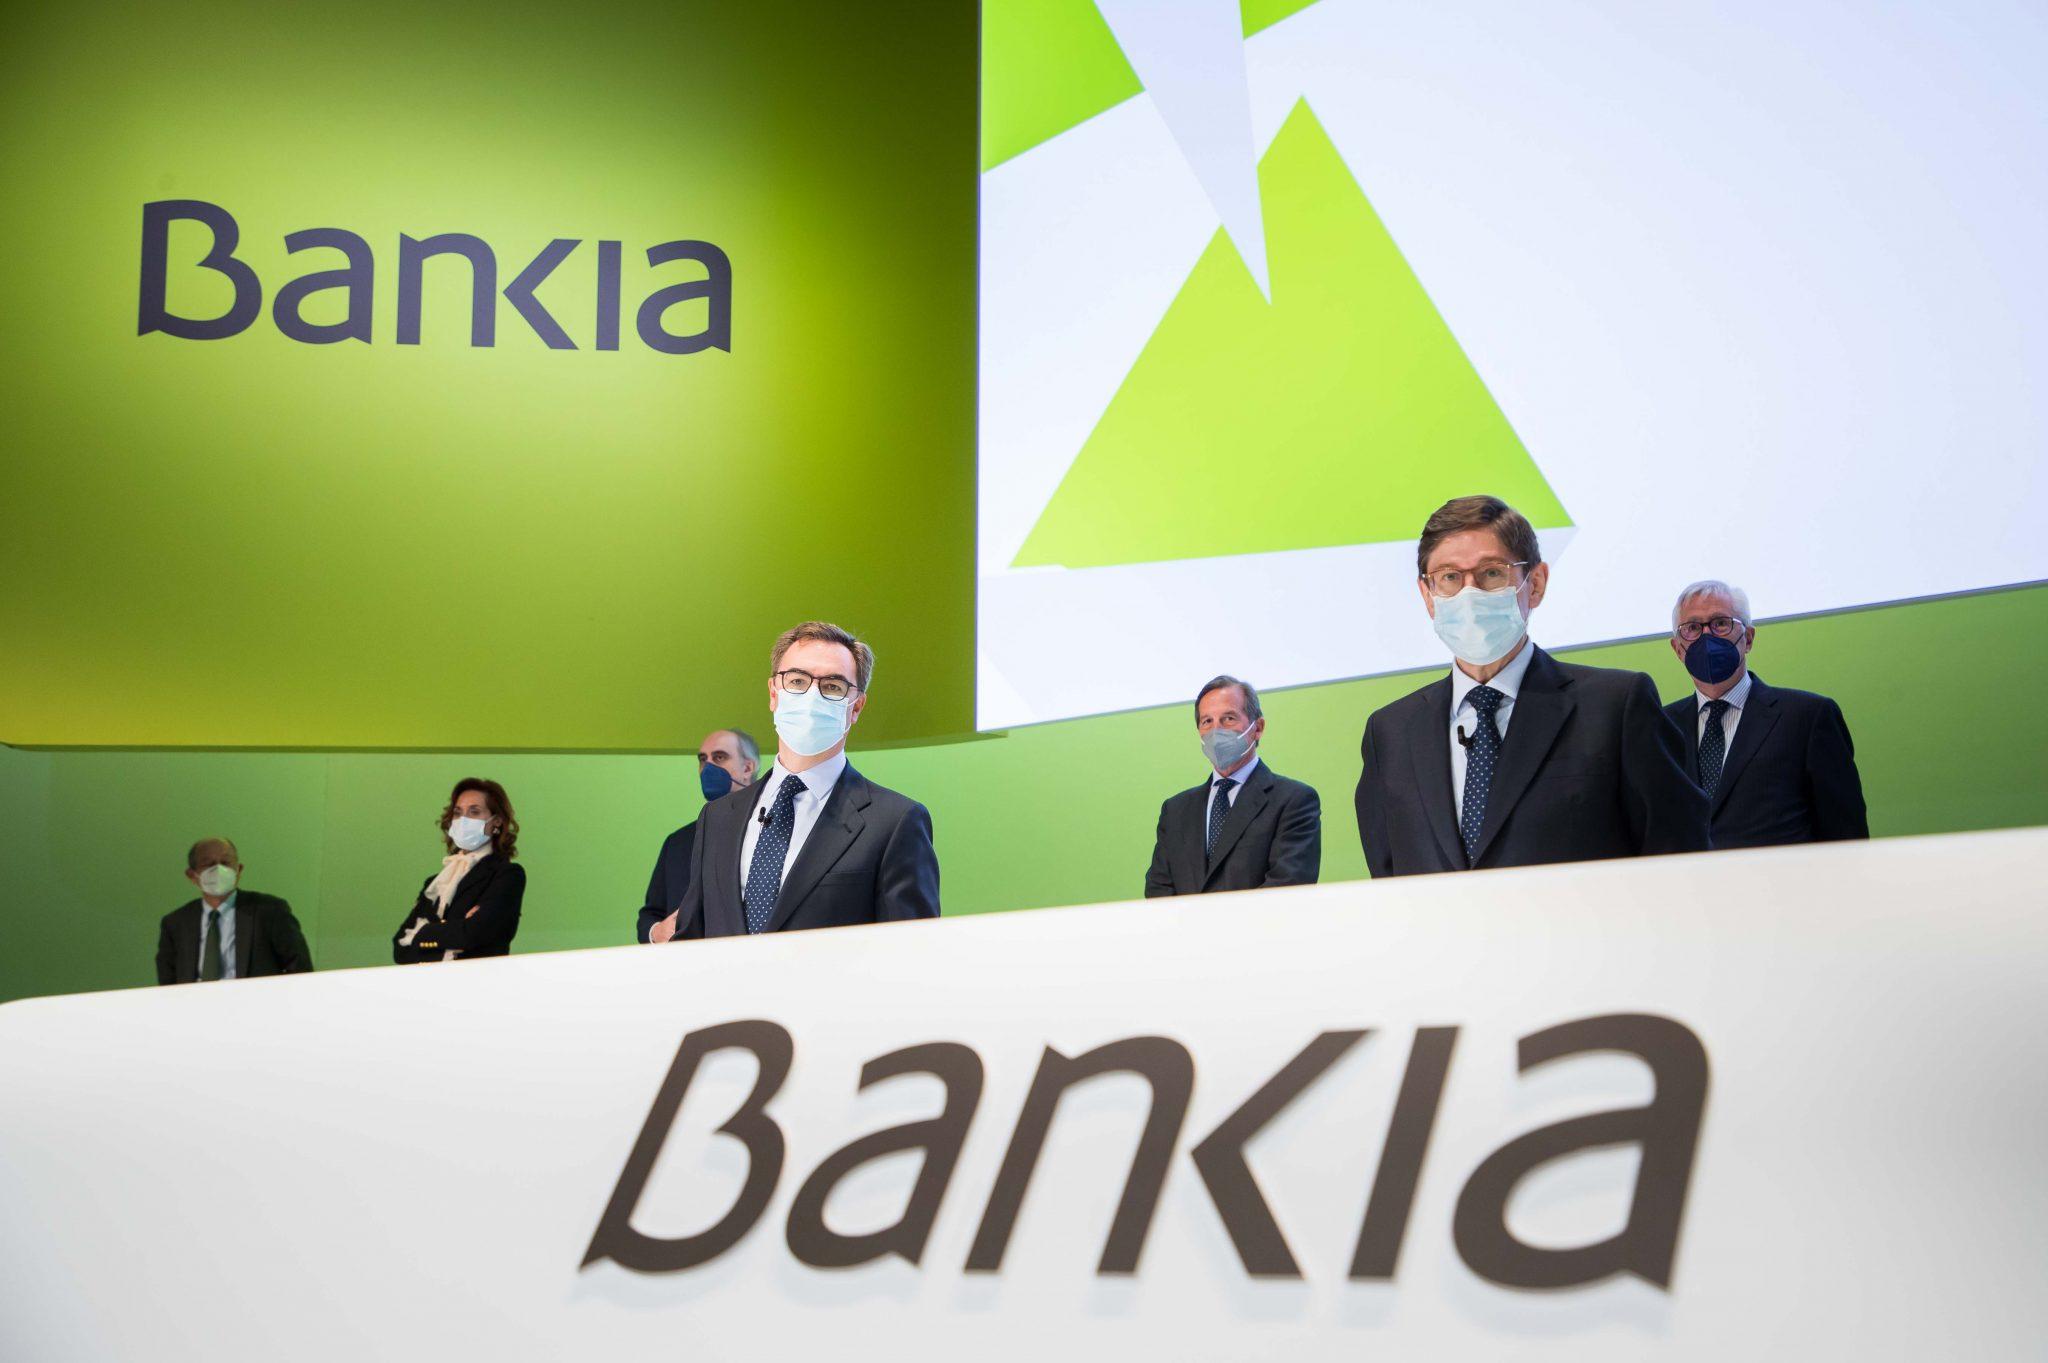 El presidente de Bankia, José Ignacio Goirigolzarri, junto a otros directivos de la entidad en la junta general de accionistas, la última en la historia de la entidad ante su próxima fusión con CaixaBank